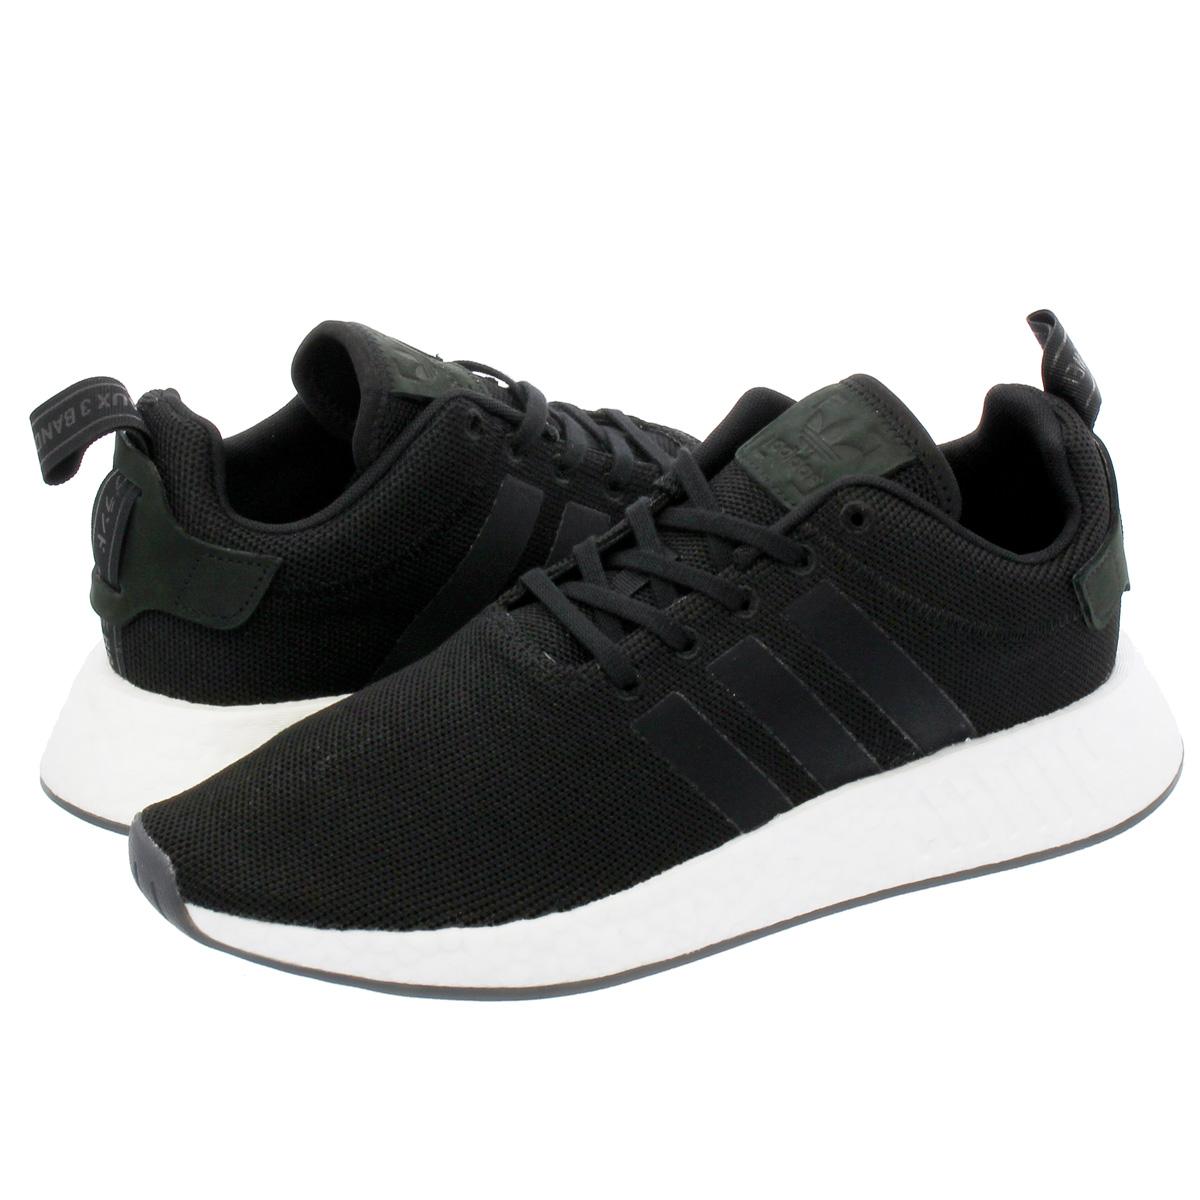 adidas NMD_R2 Adidas NMD_R2 CORE BLACKCORE BLACKCORE BLACK